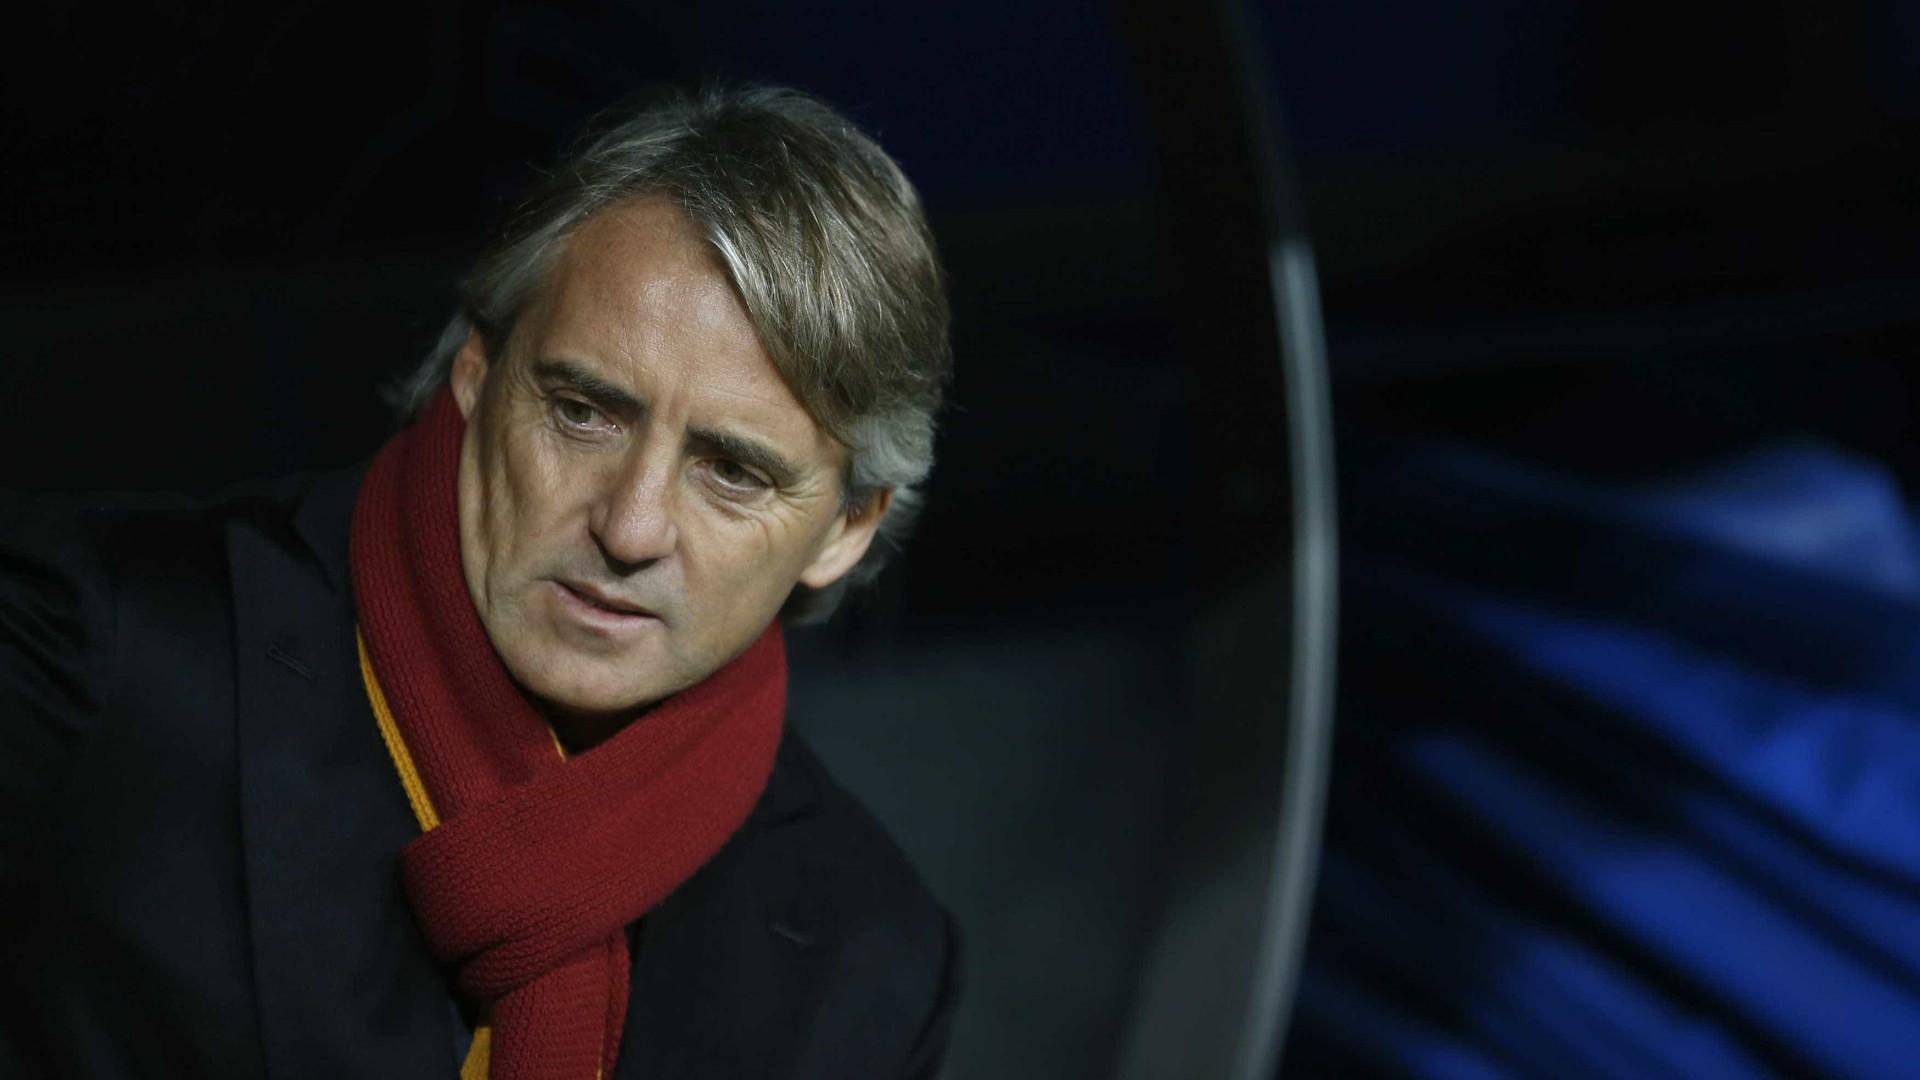 Roberto Mancini deixa o Zenit e fica próximo da seleção italiana